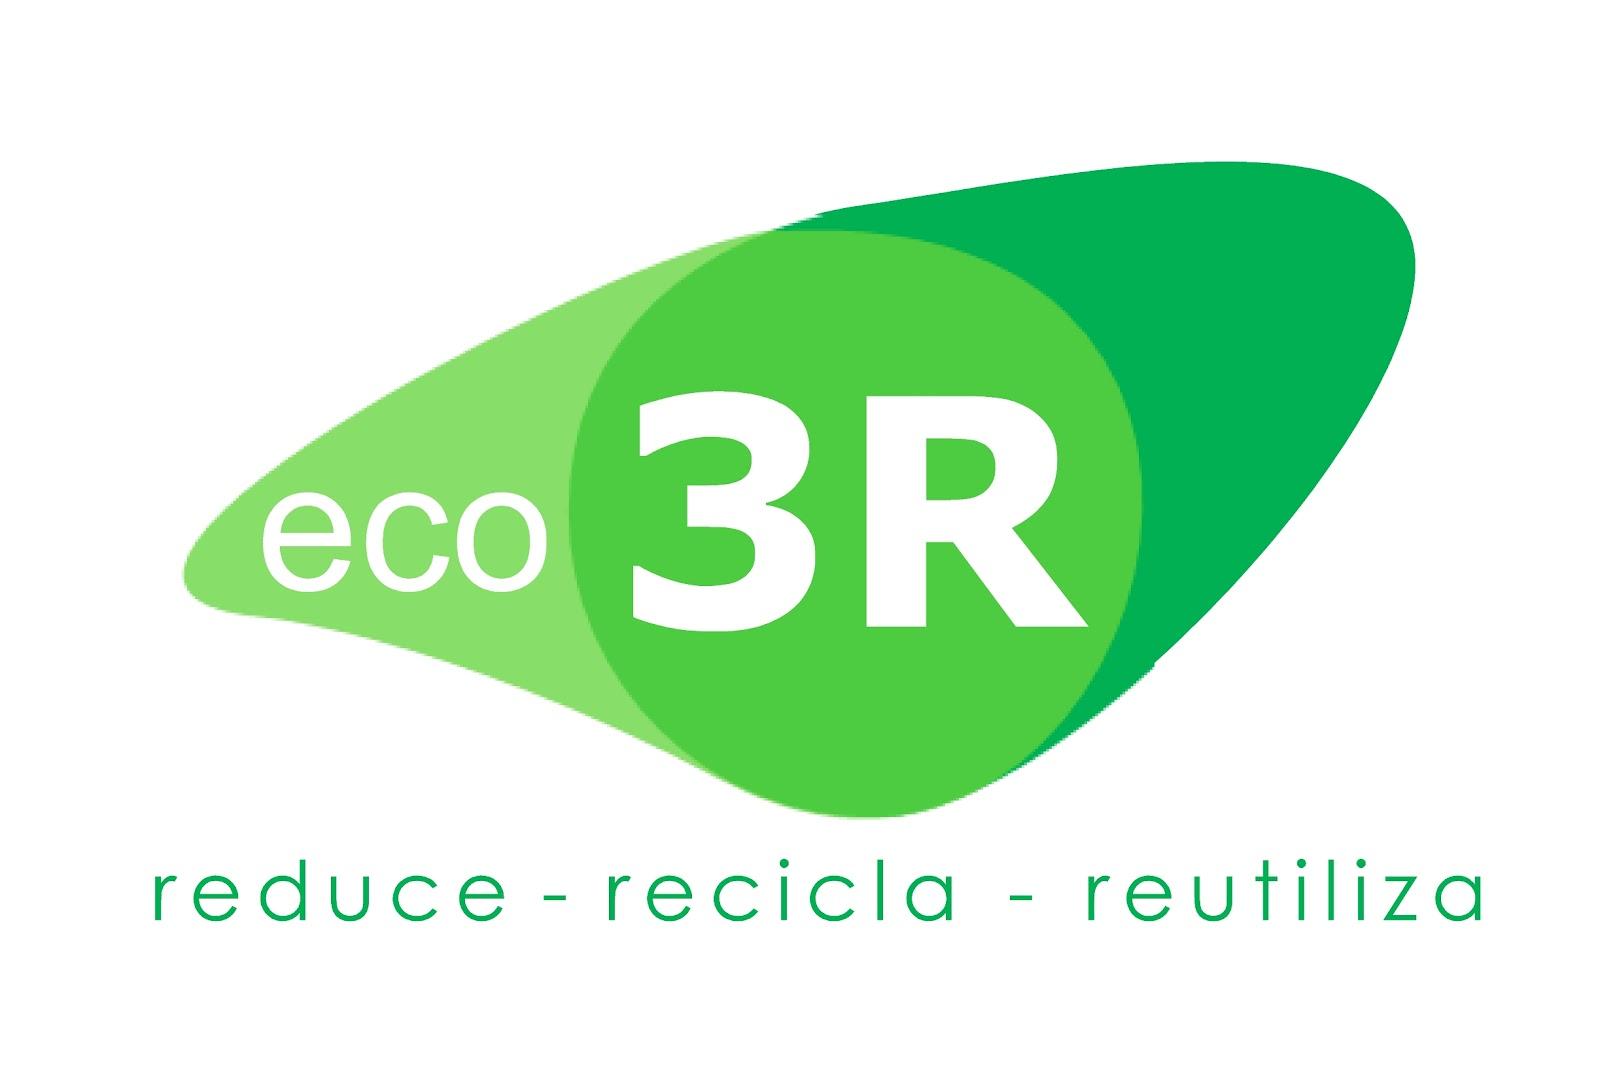 el reciclaje del cambio regla de las 3 r. Black Bedroom Furniture Sets. Home Design Ideas